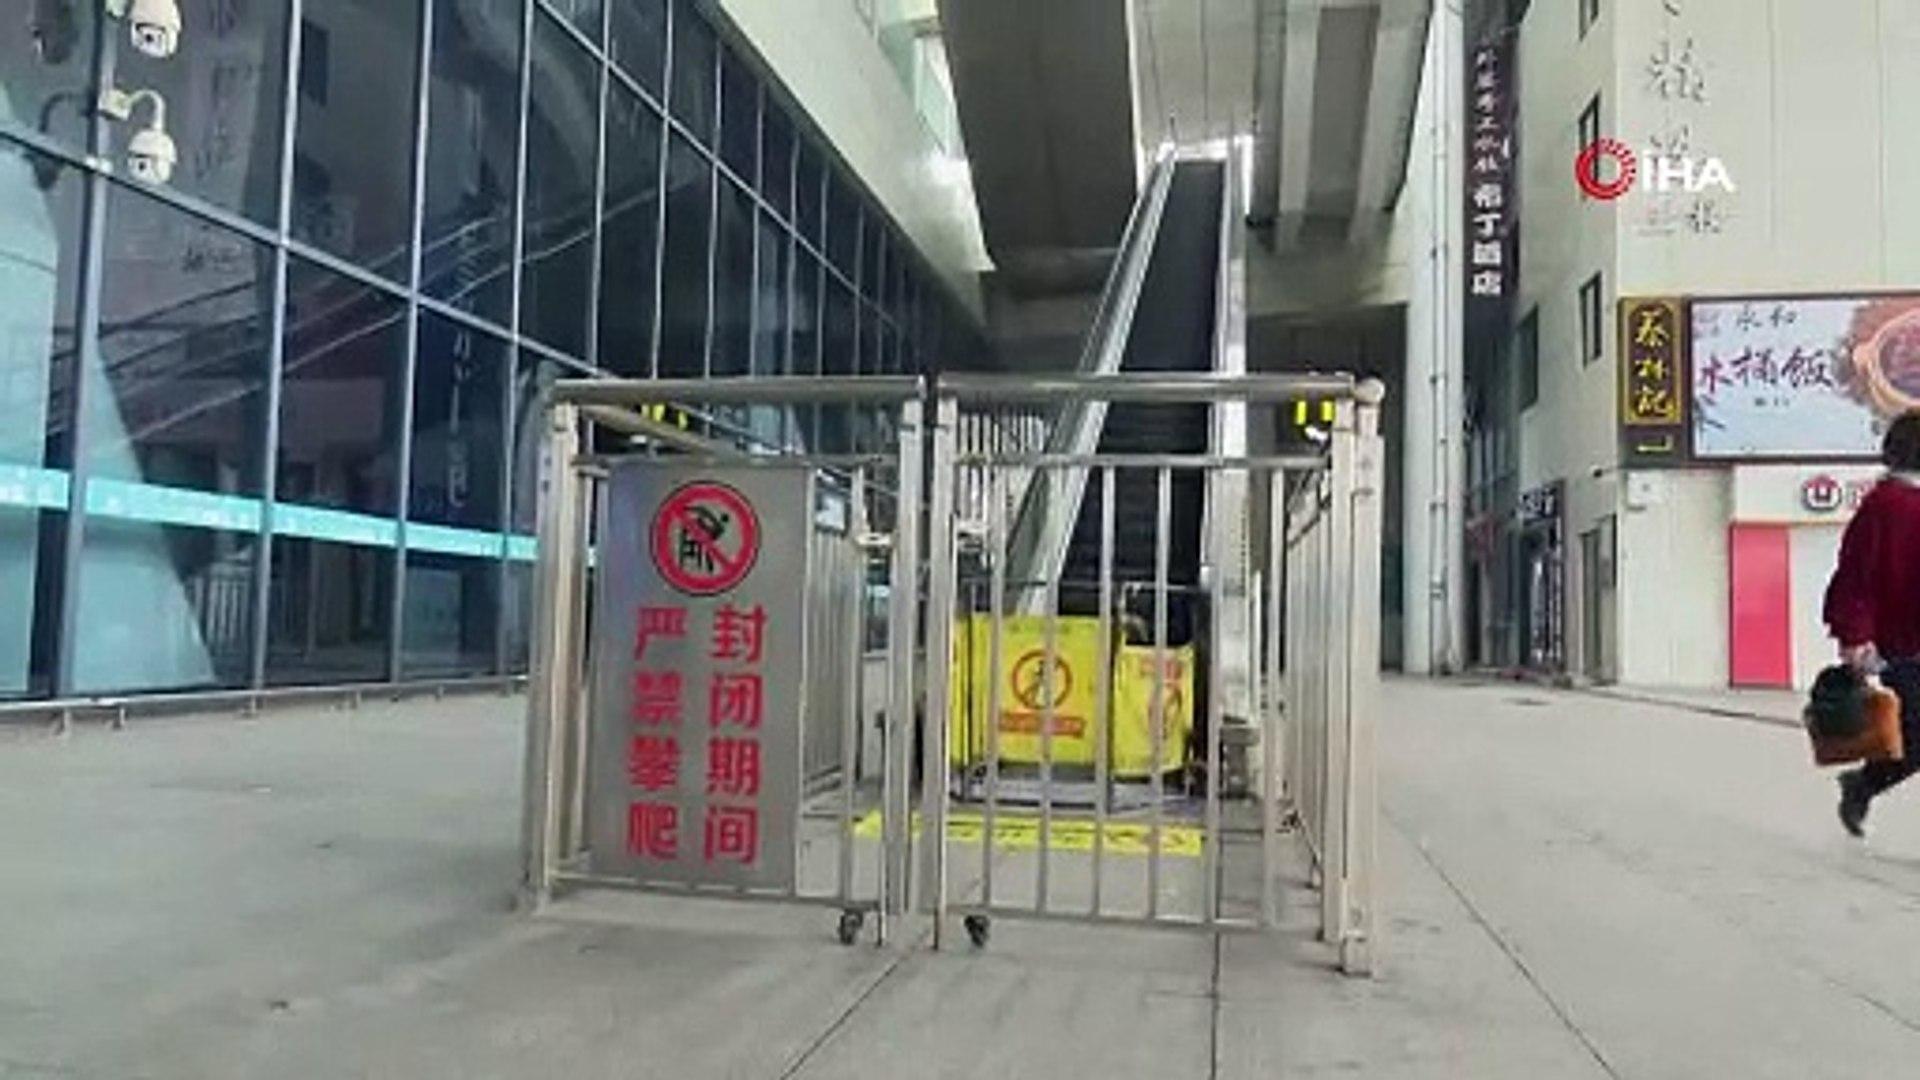 Çin'in Wuhan kentinde ortaya çıkan Corona virüsü salgınında ölü sayısı 17'ye yükseldi; ken